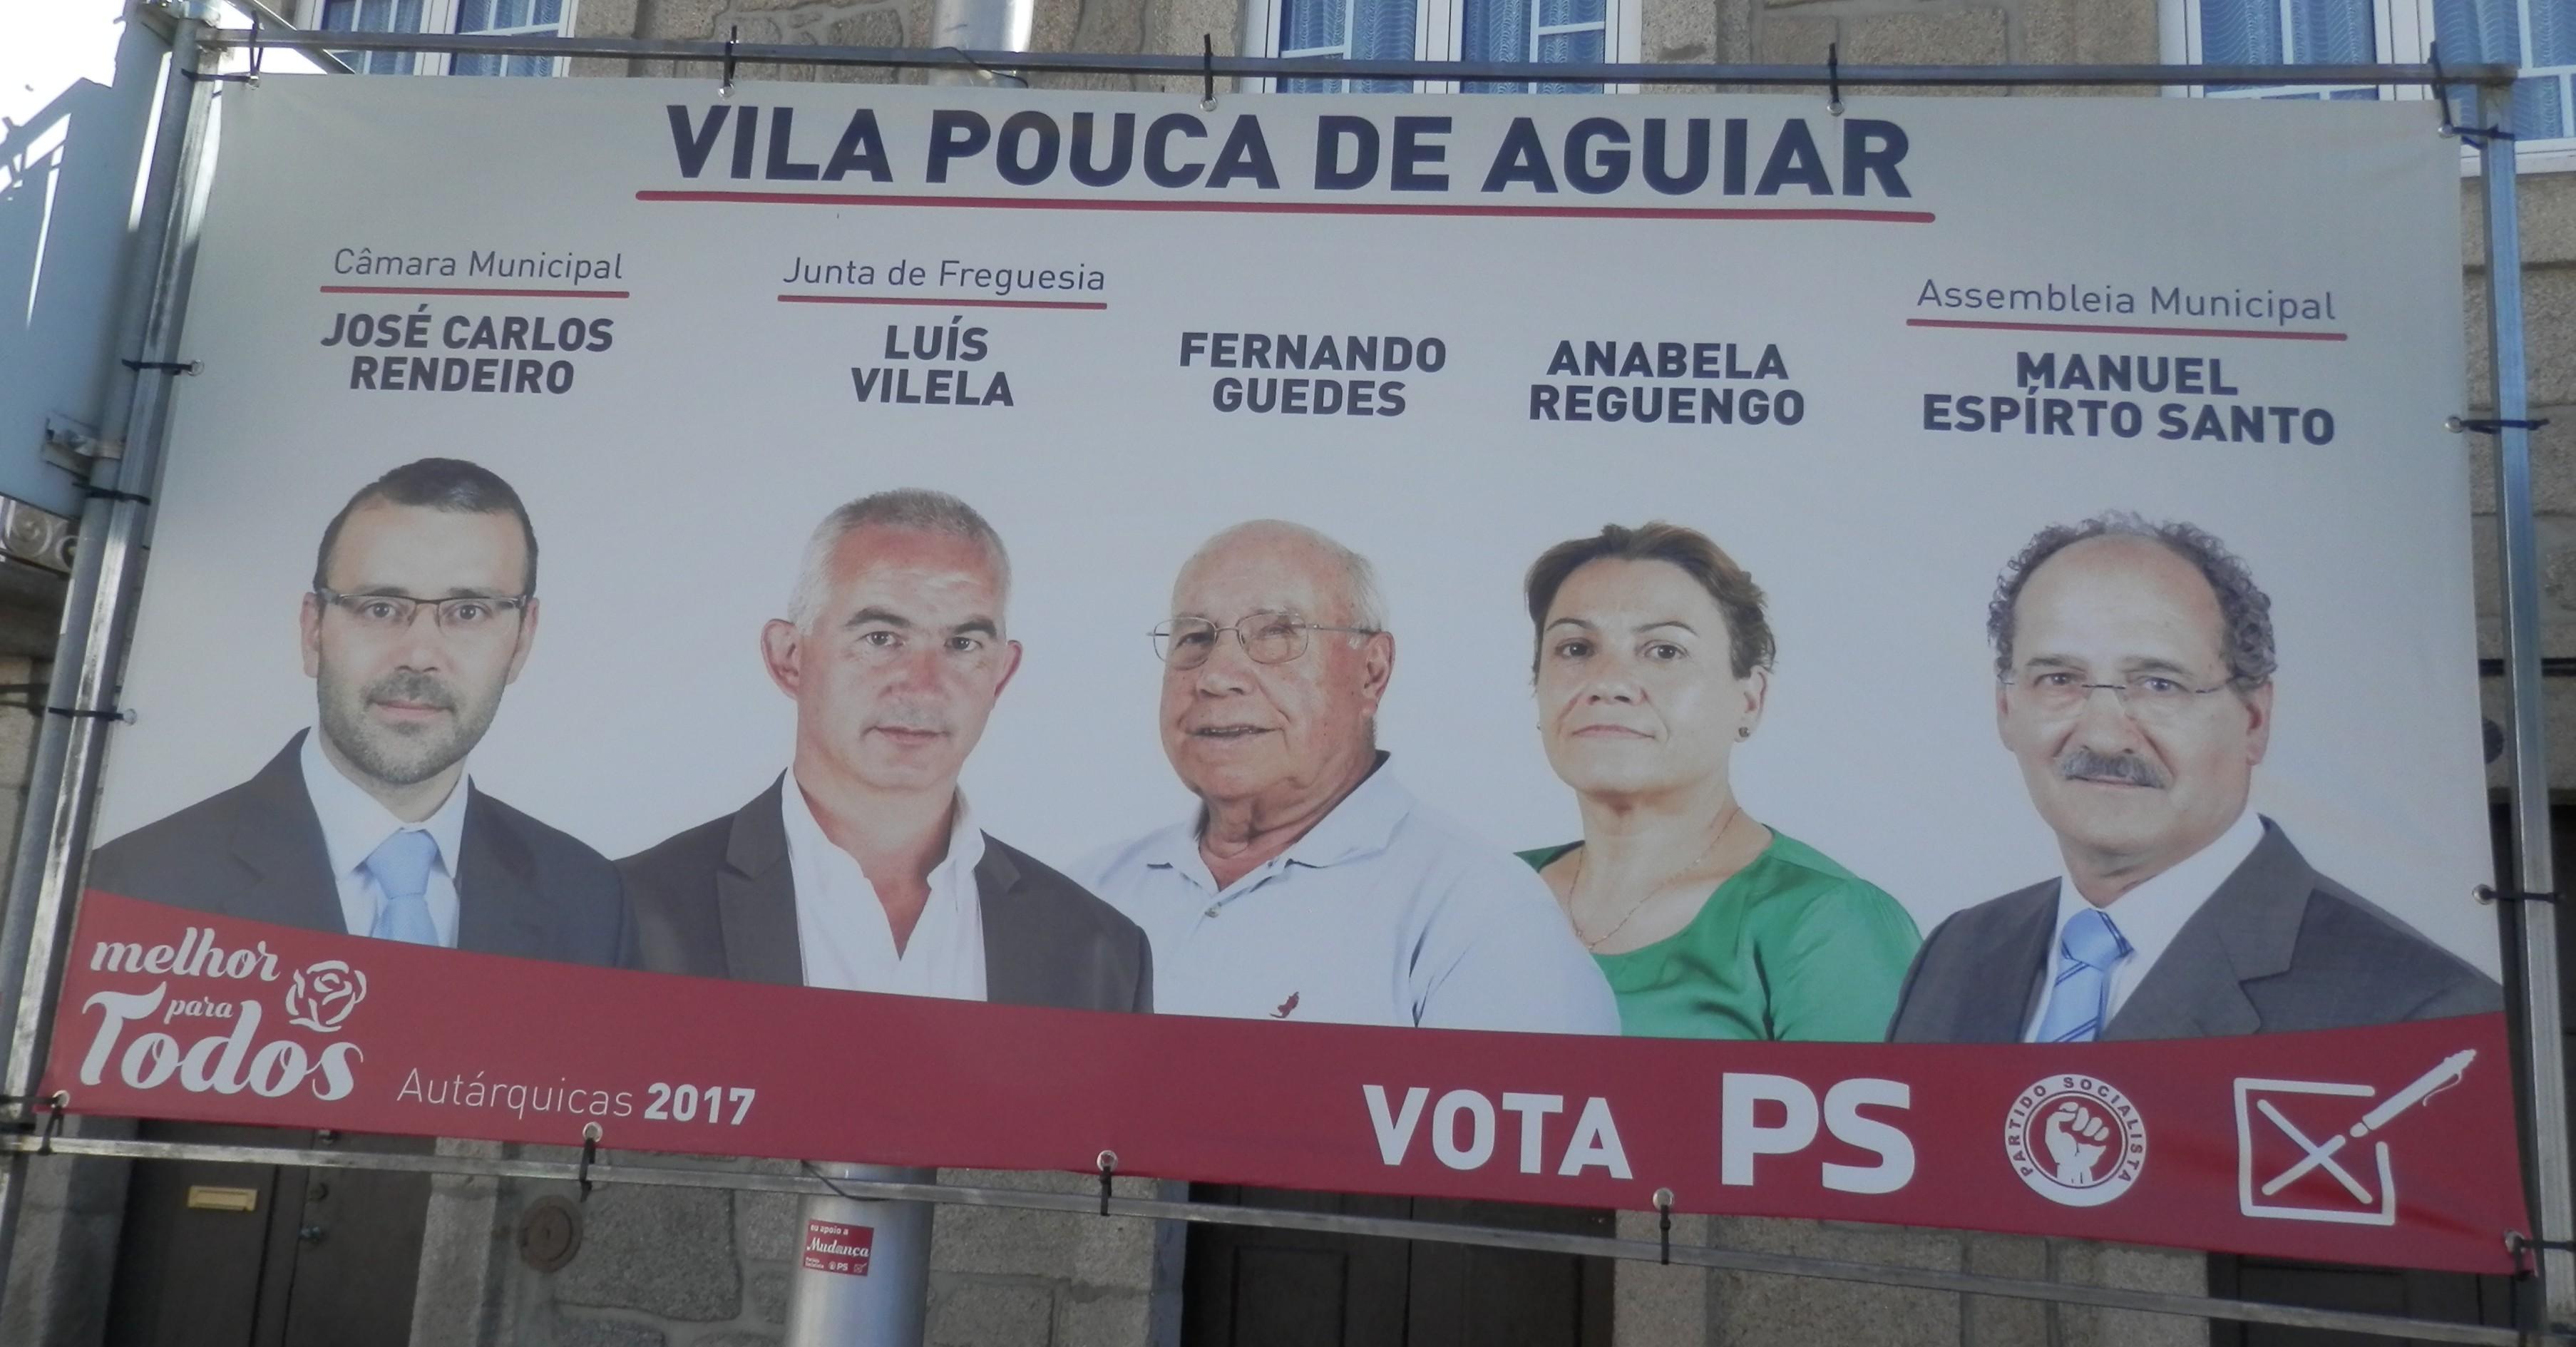 PS_2017_Vila Pouca de Aguiar – Freg. de Vila Pouca de Aguiar – PS